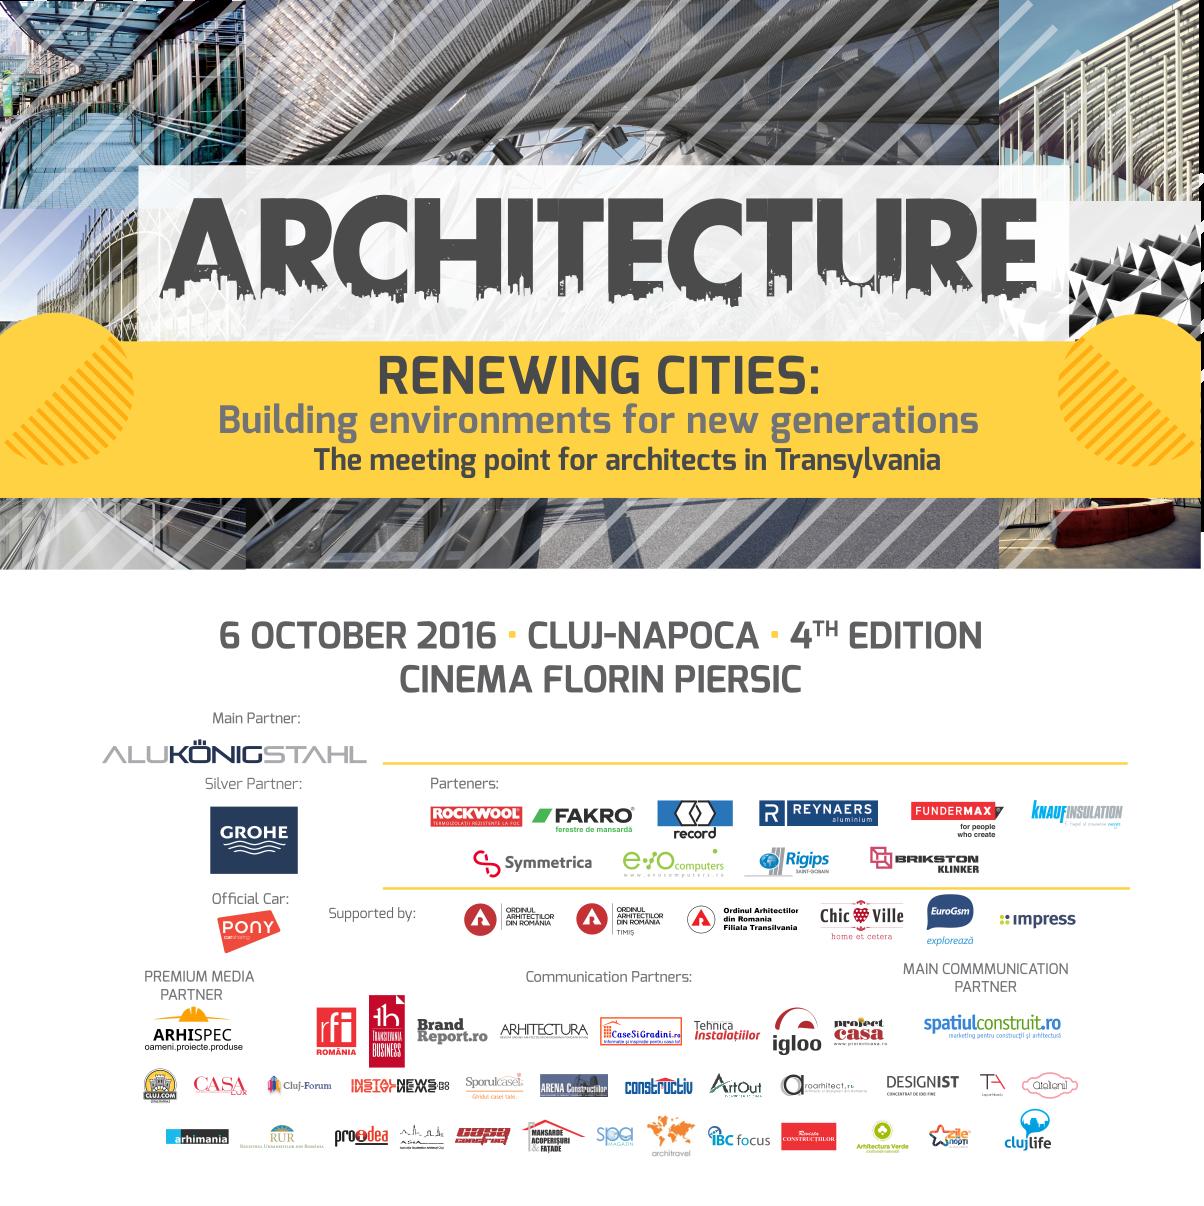 Architecture conference expo prezentari si dezbateri Architecture si